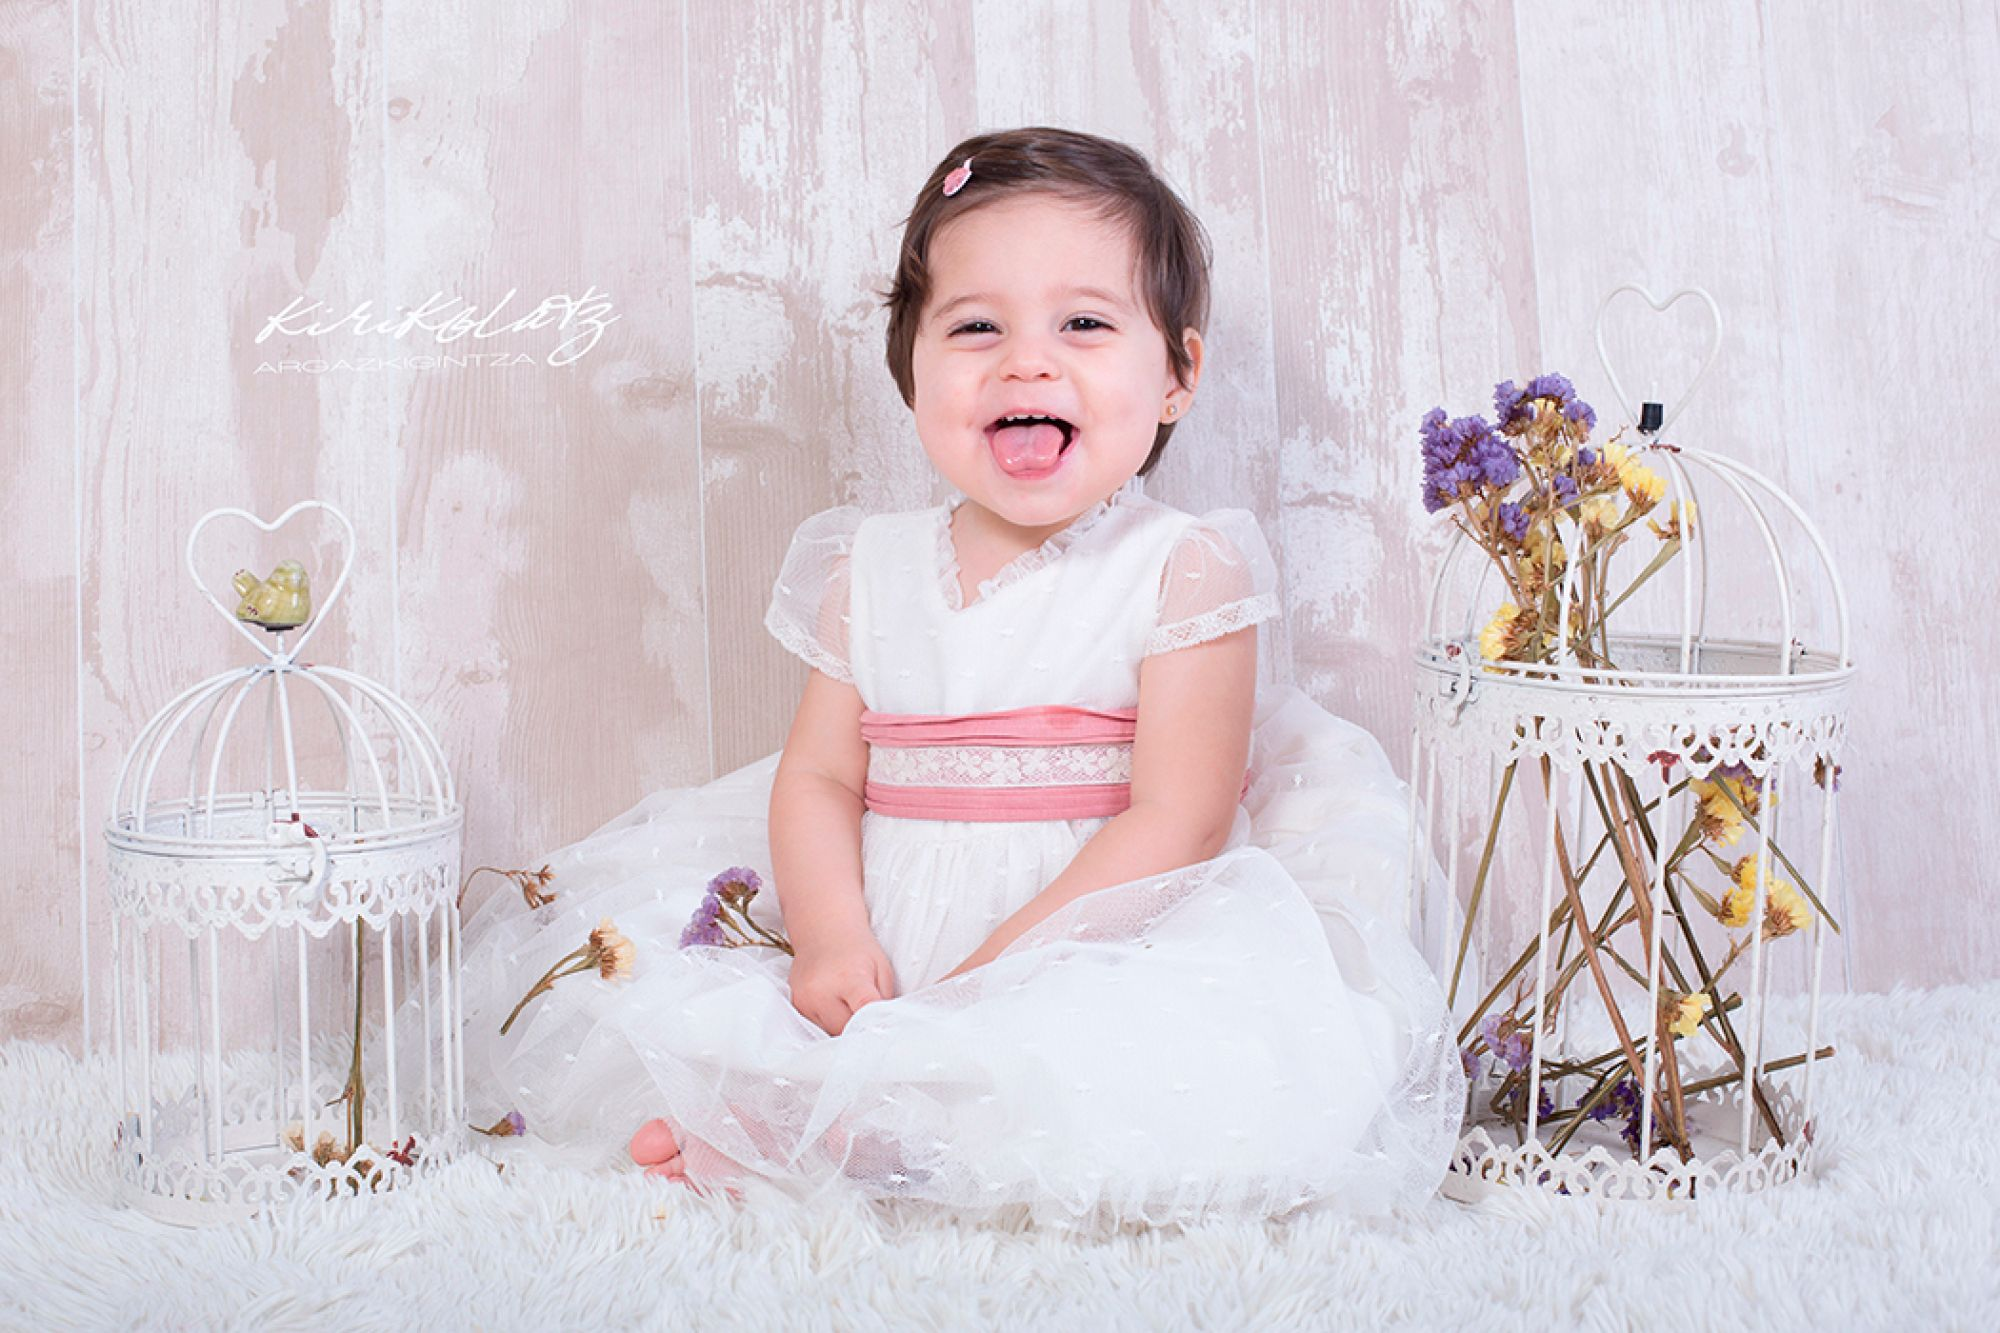 Álbum fotos de bebés